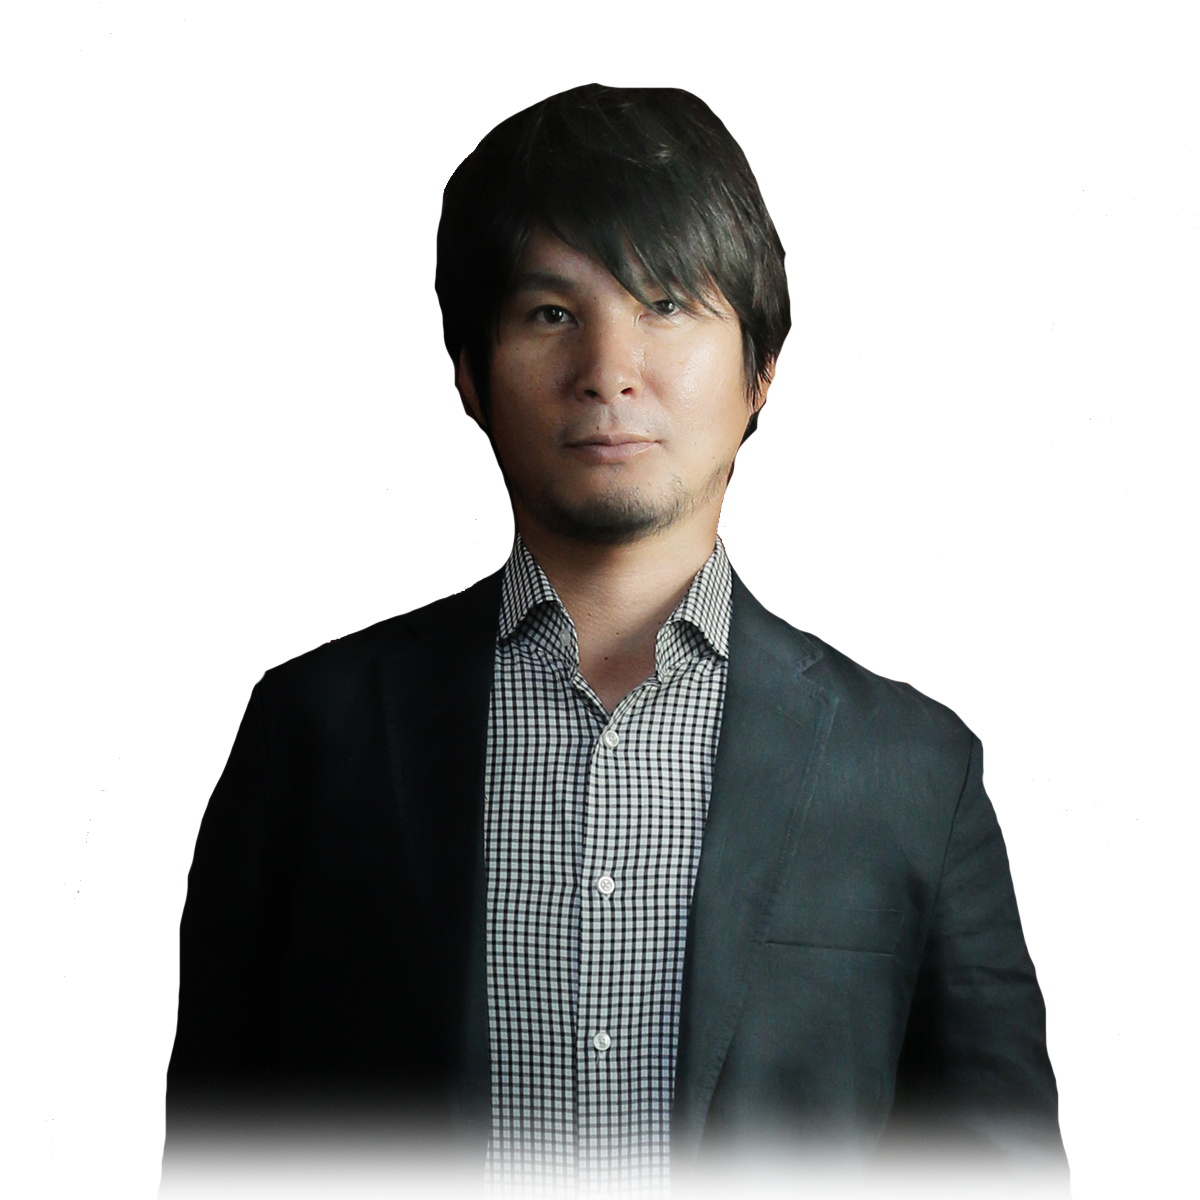 Ryuji Kira